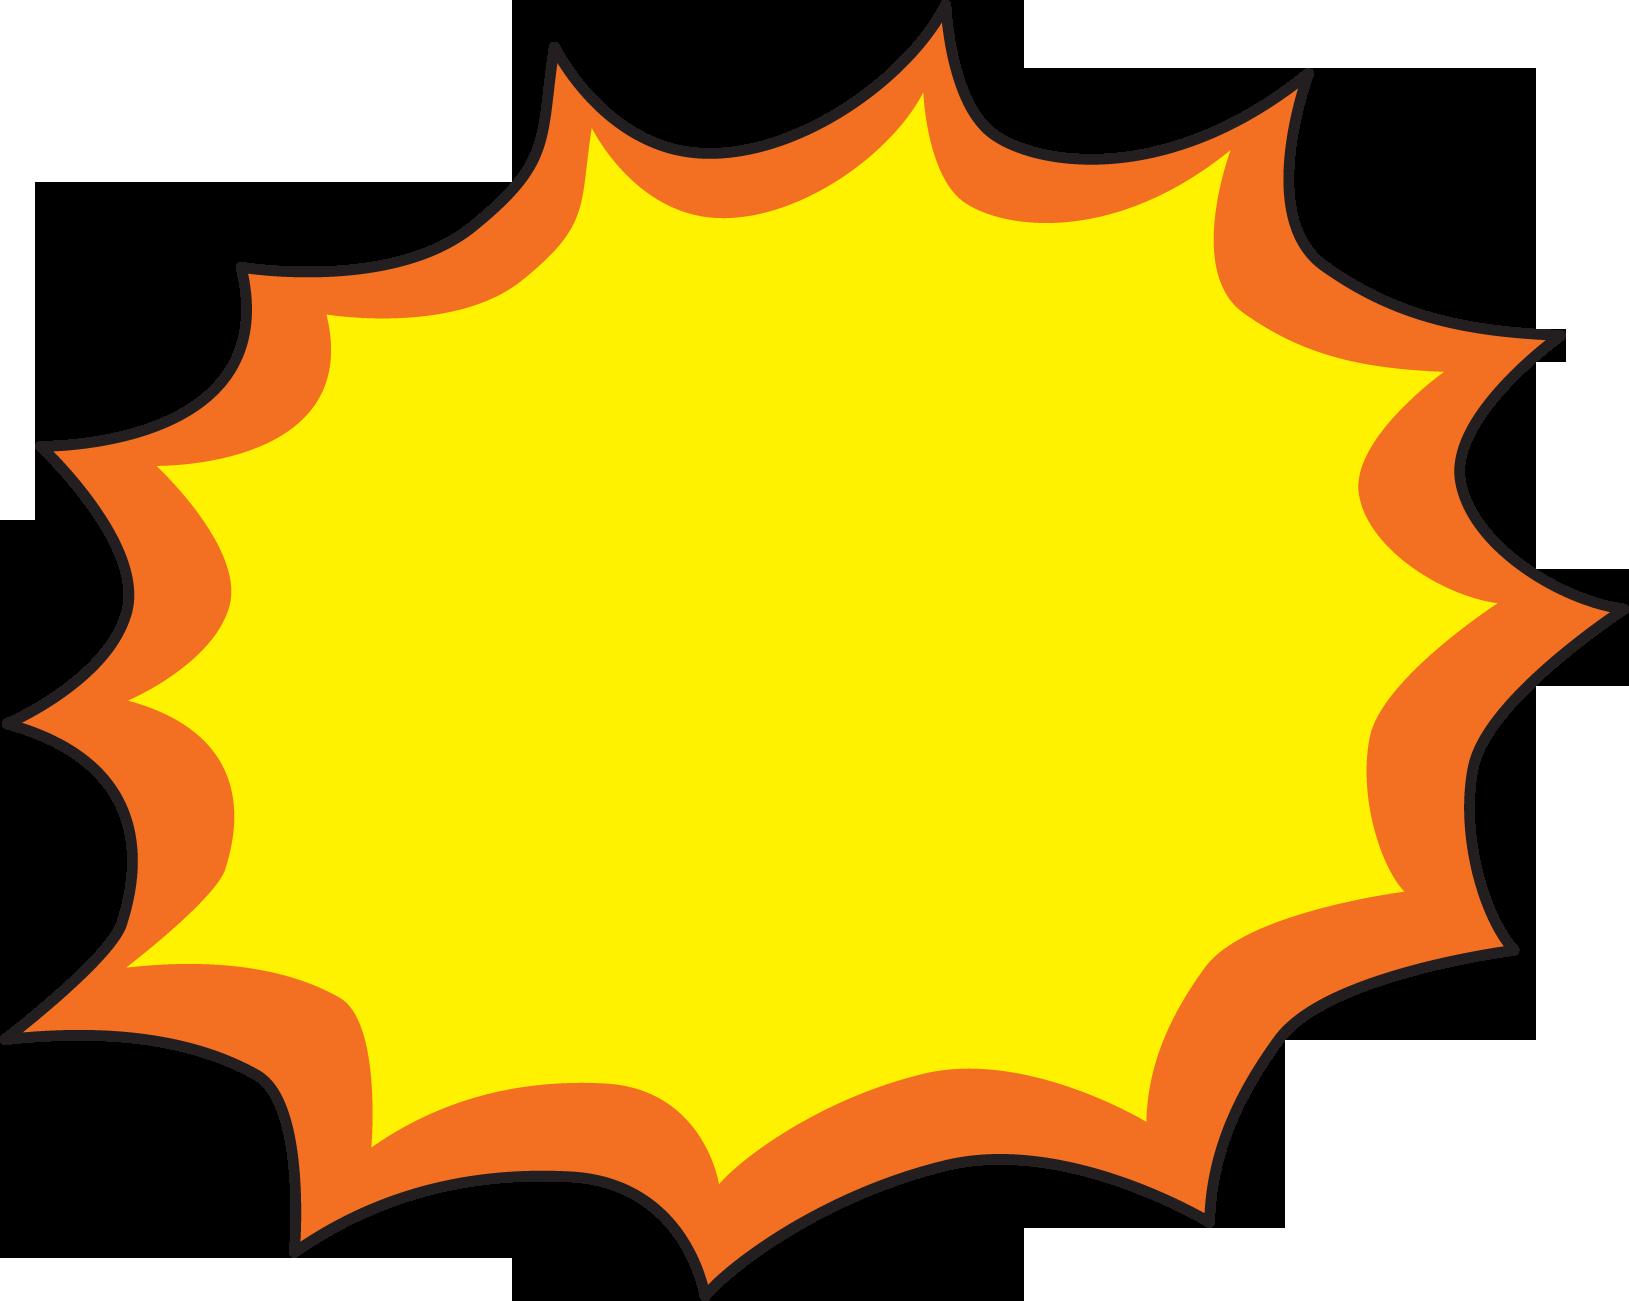 1629x1301 Explosion Clip Art Tumundografico 4